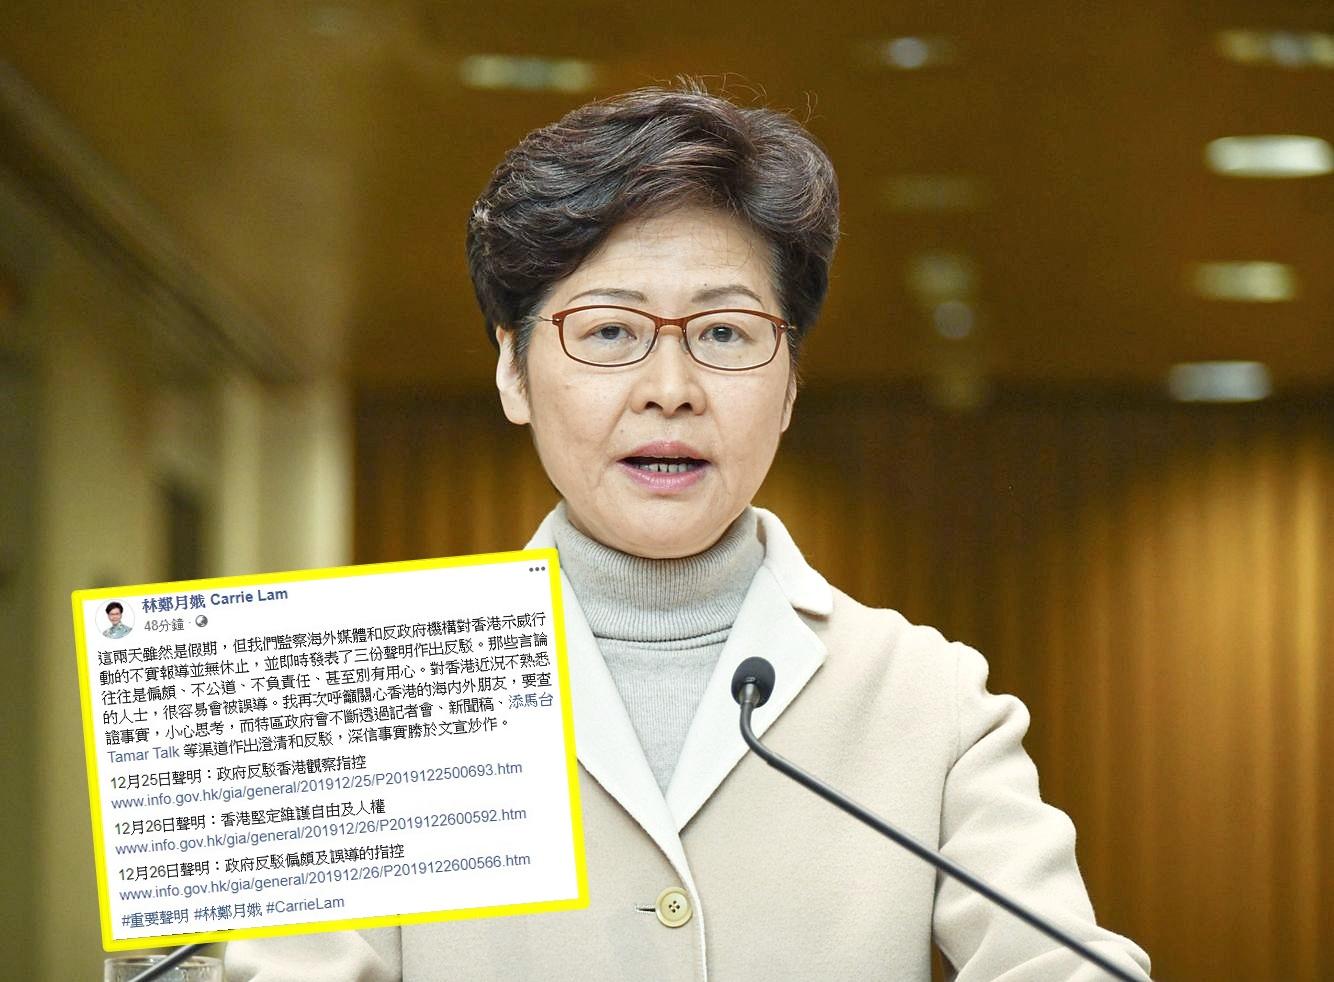 【修例风波】吁关心香港人士查证事实 林郑月娥:事实胜于文宣炒作